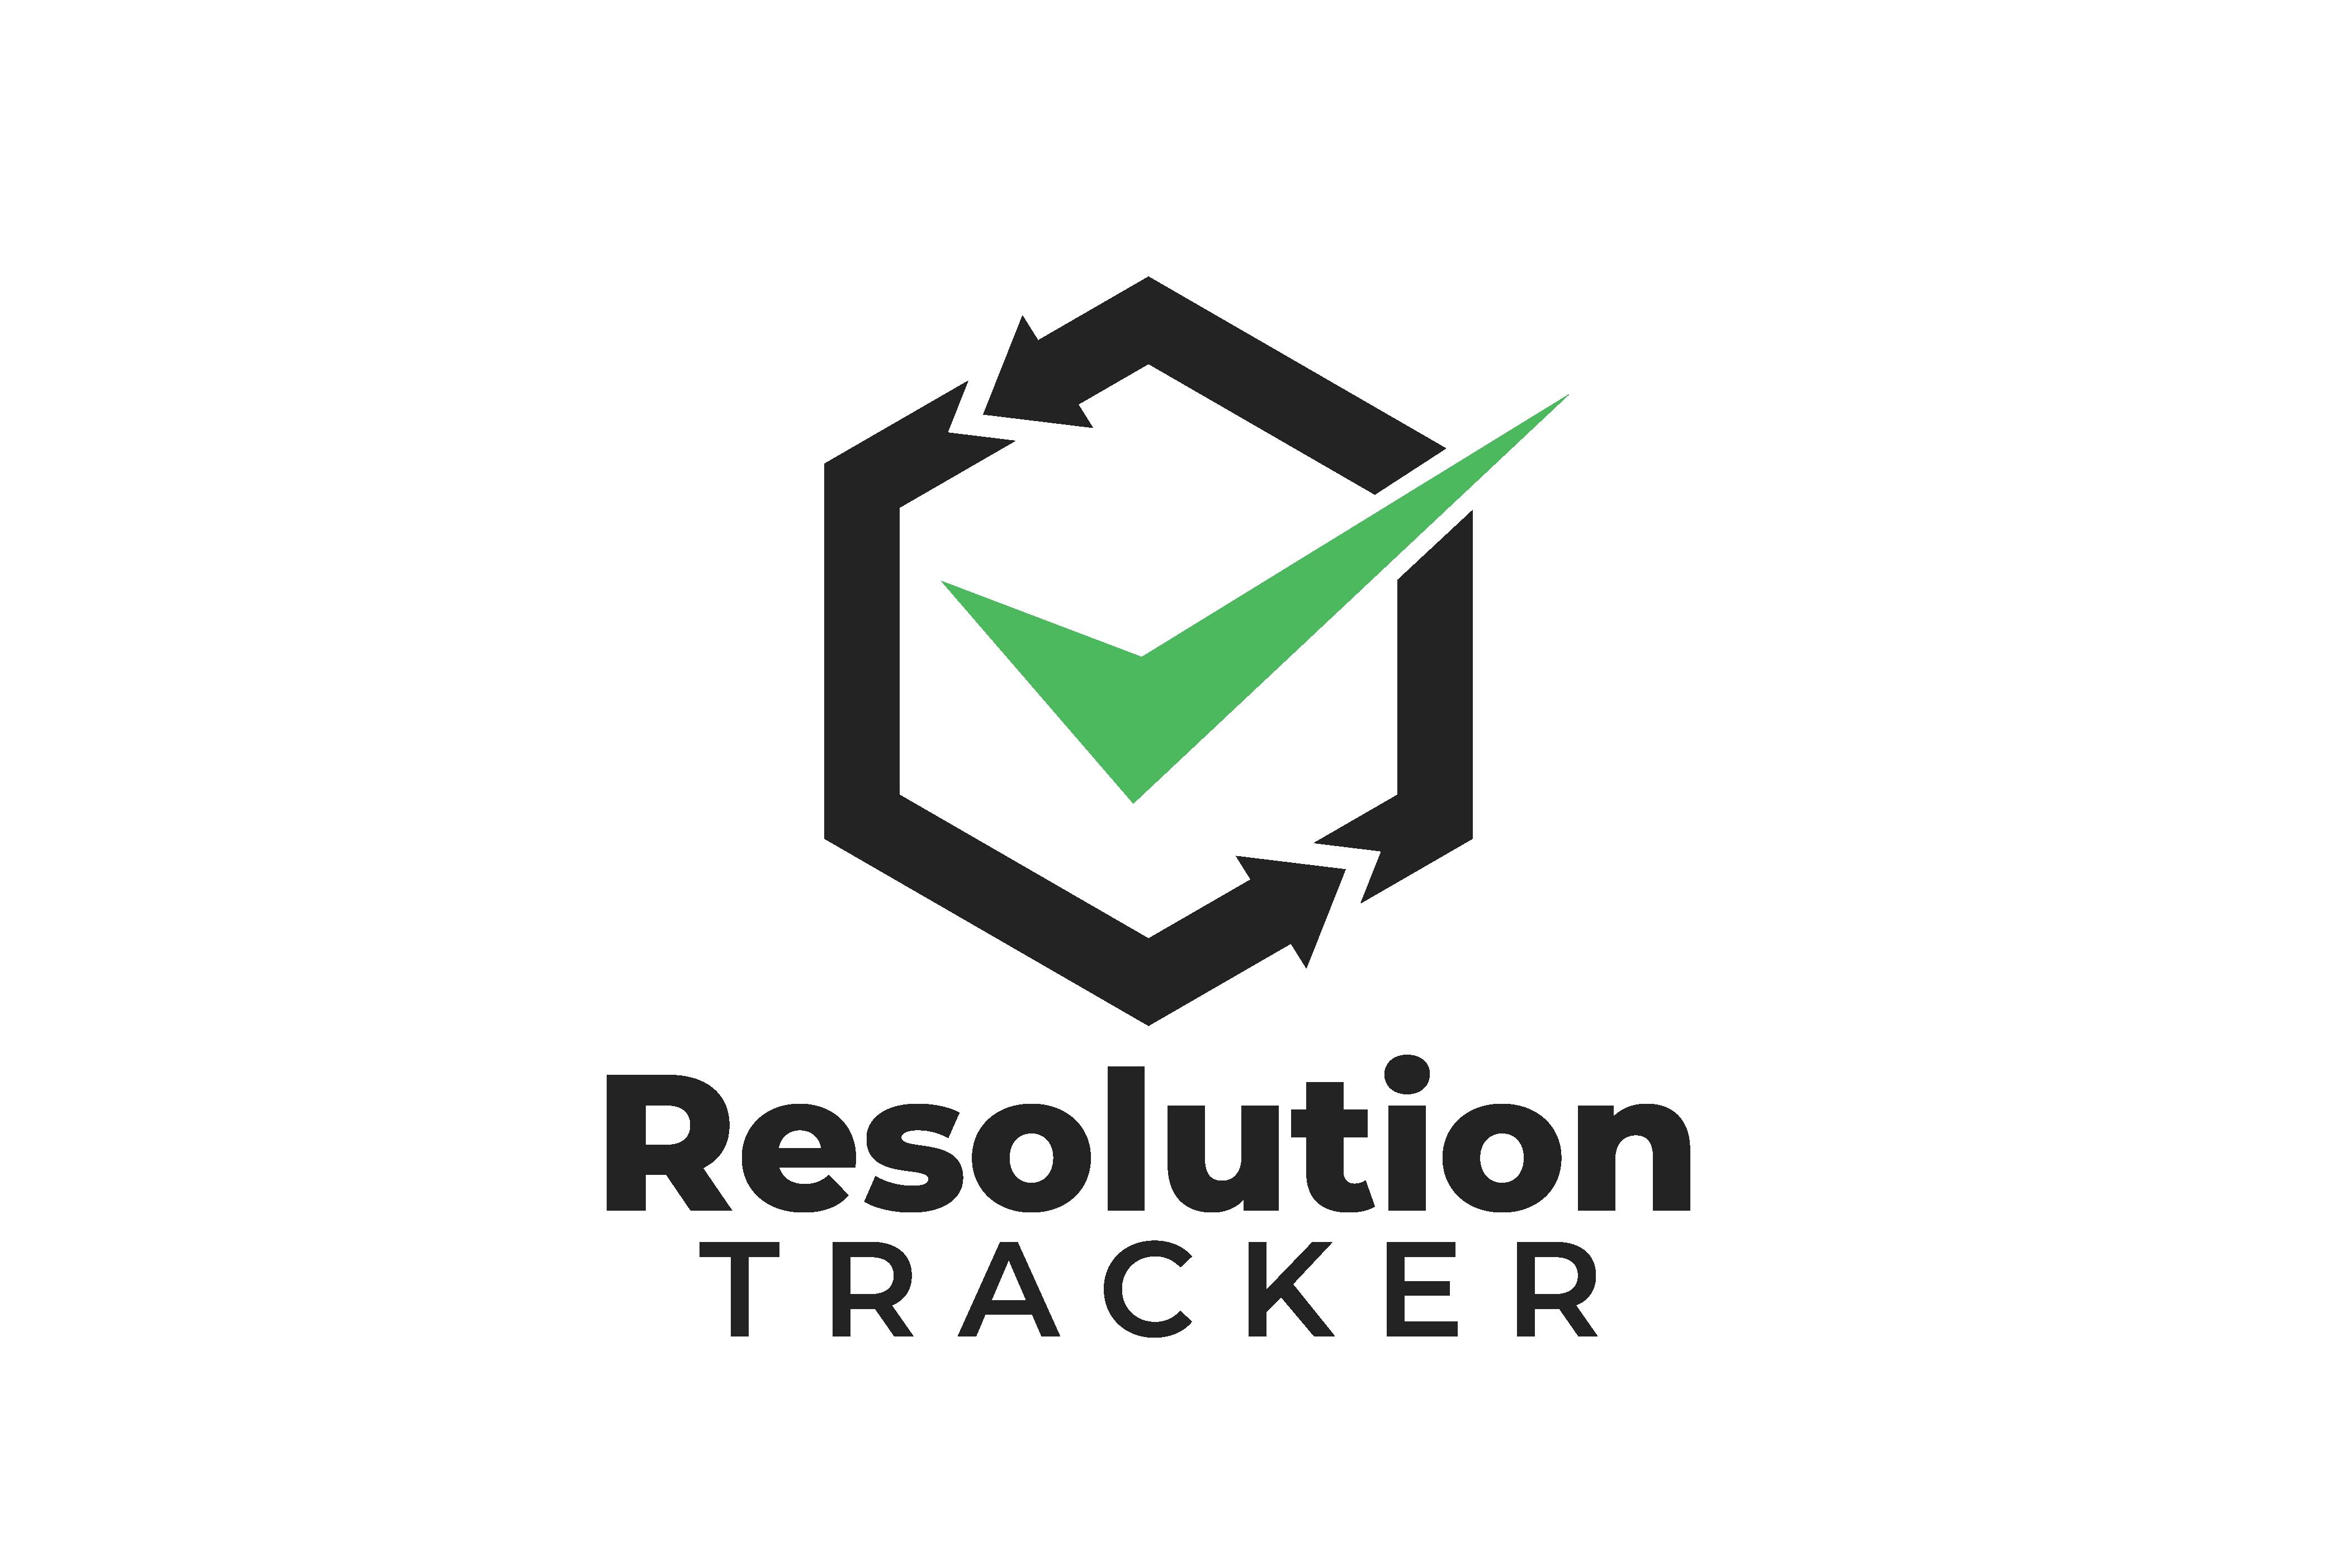 Resolution Tracker